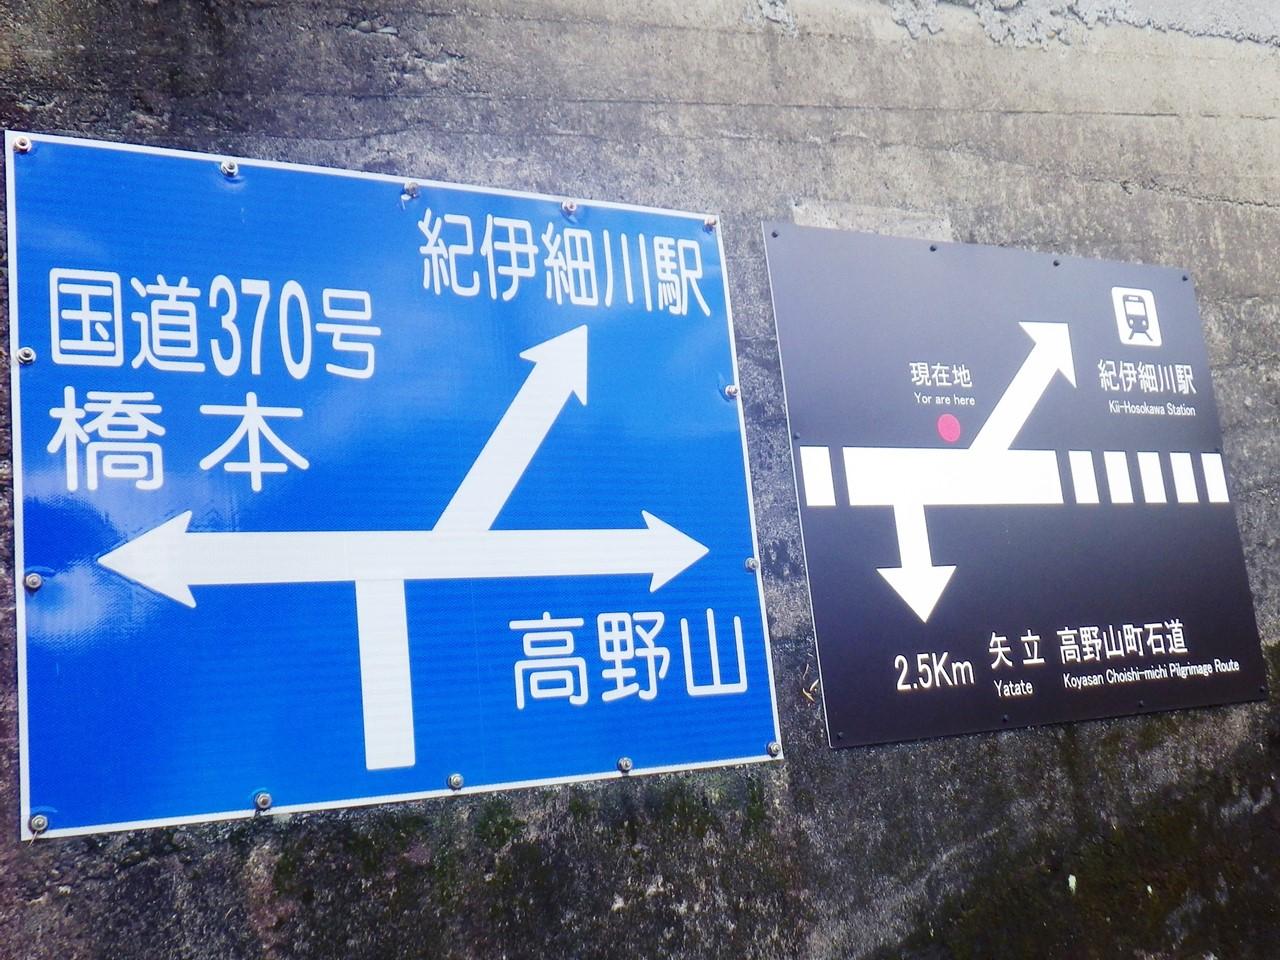 21b 紀伊細川駅への案内板